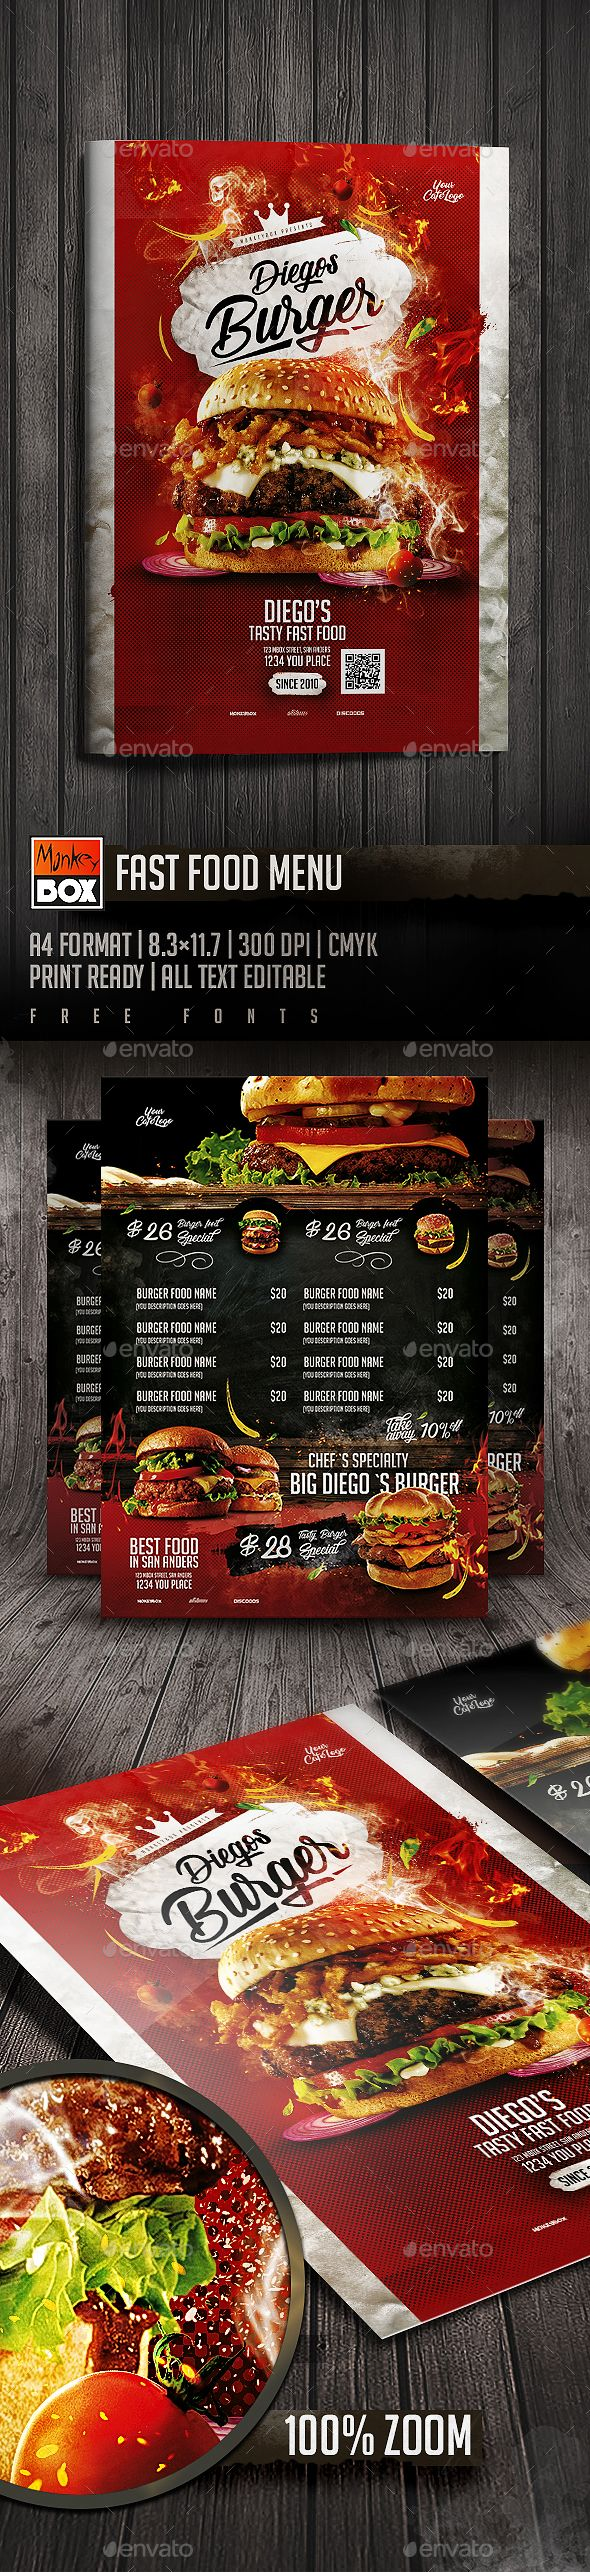 Fast Food Menu Template PSD